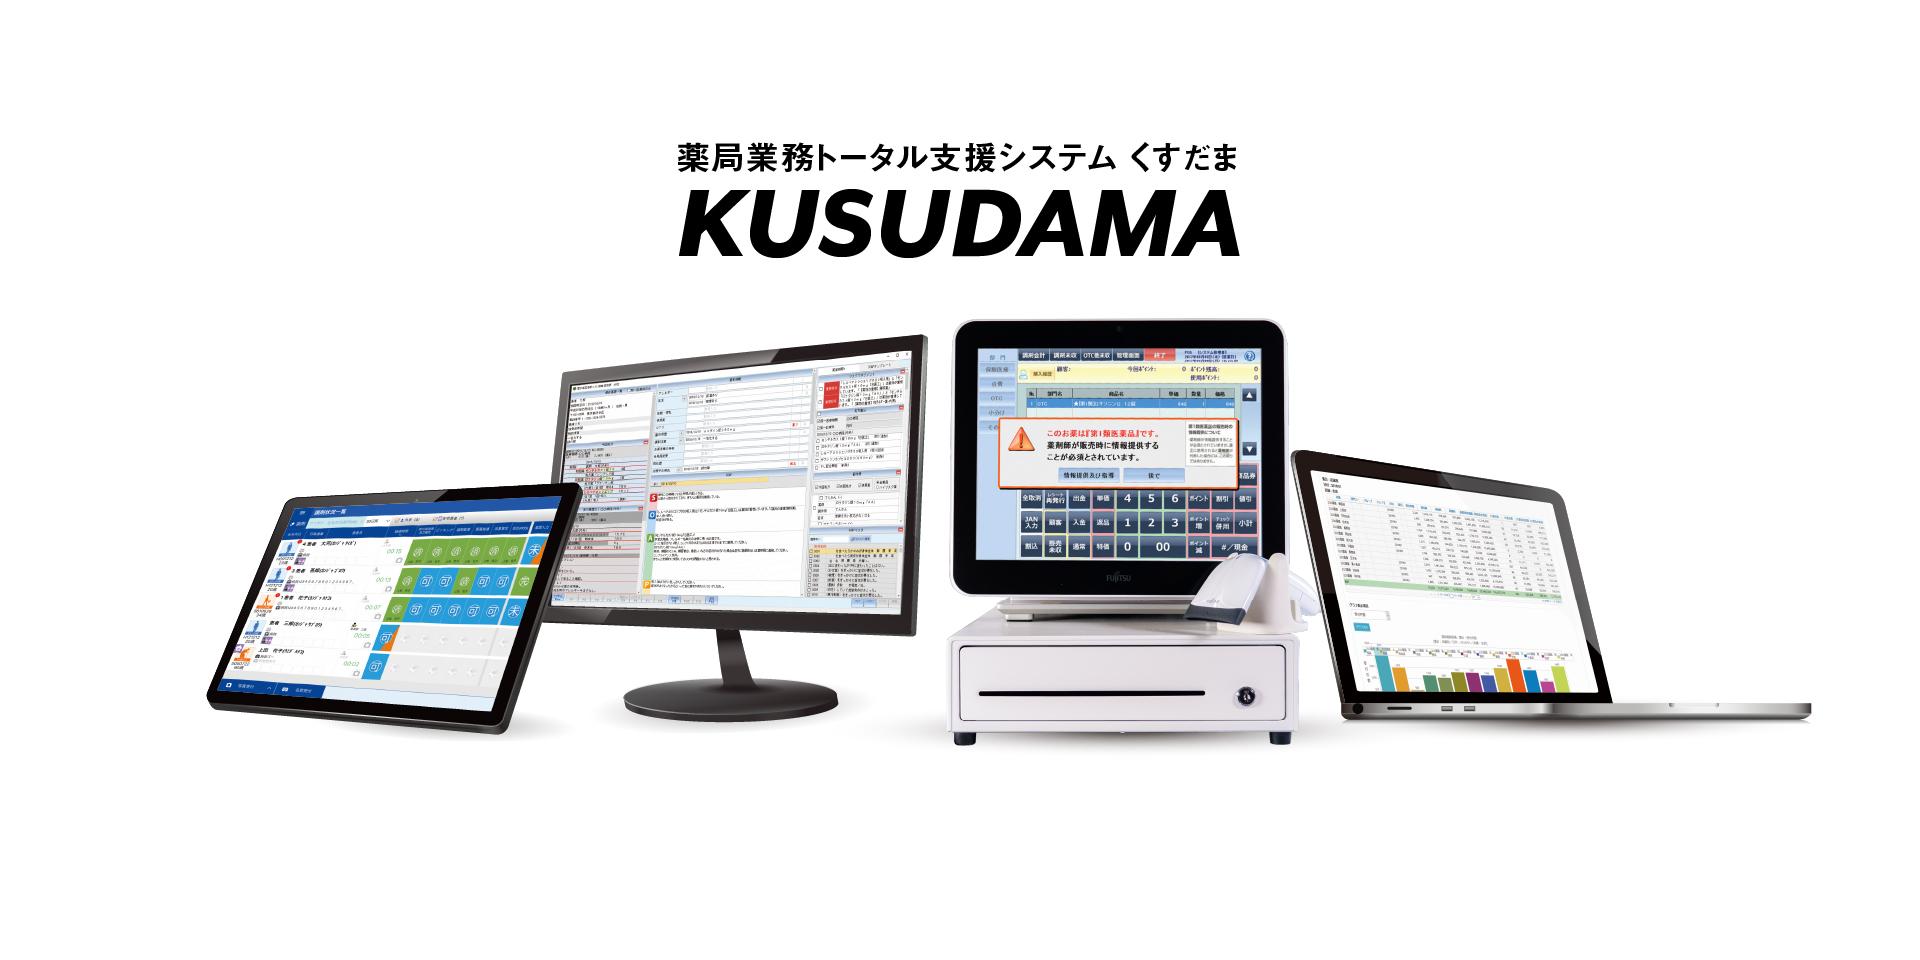 薬局業務トータル支援システム<br />「KUSUDAMA」